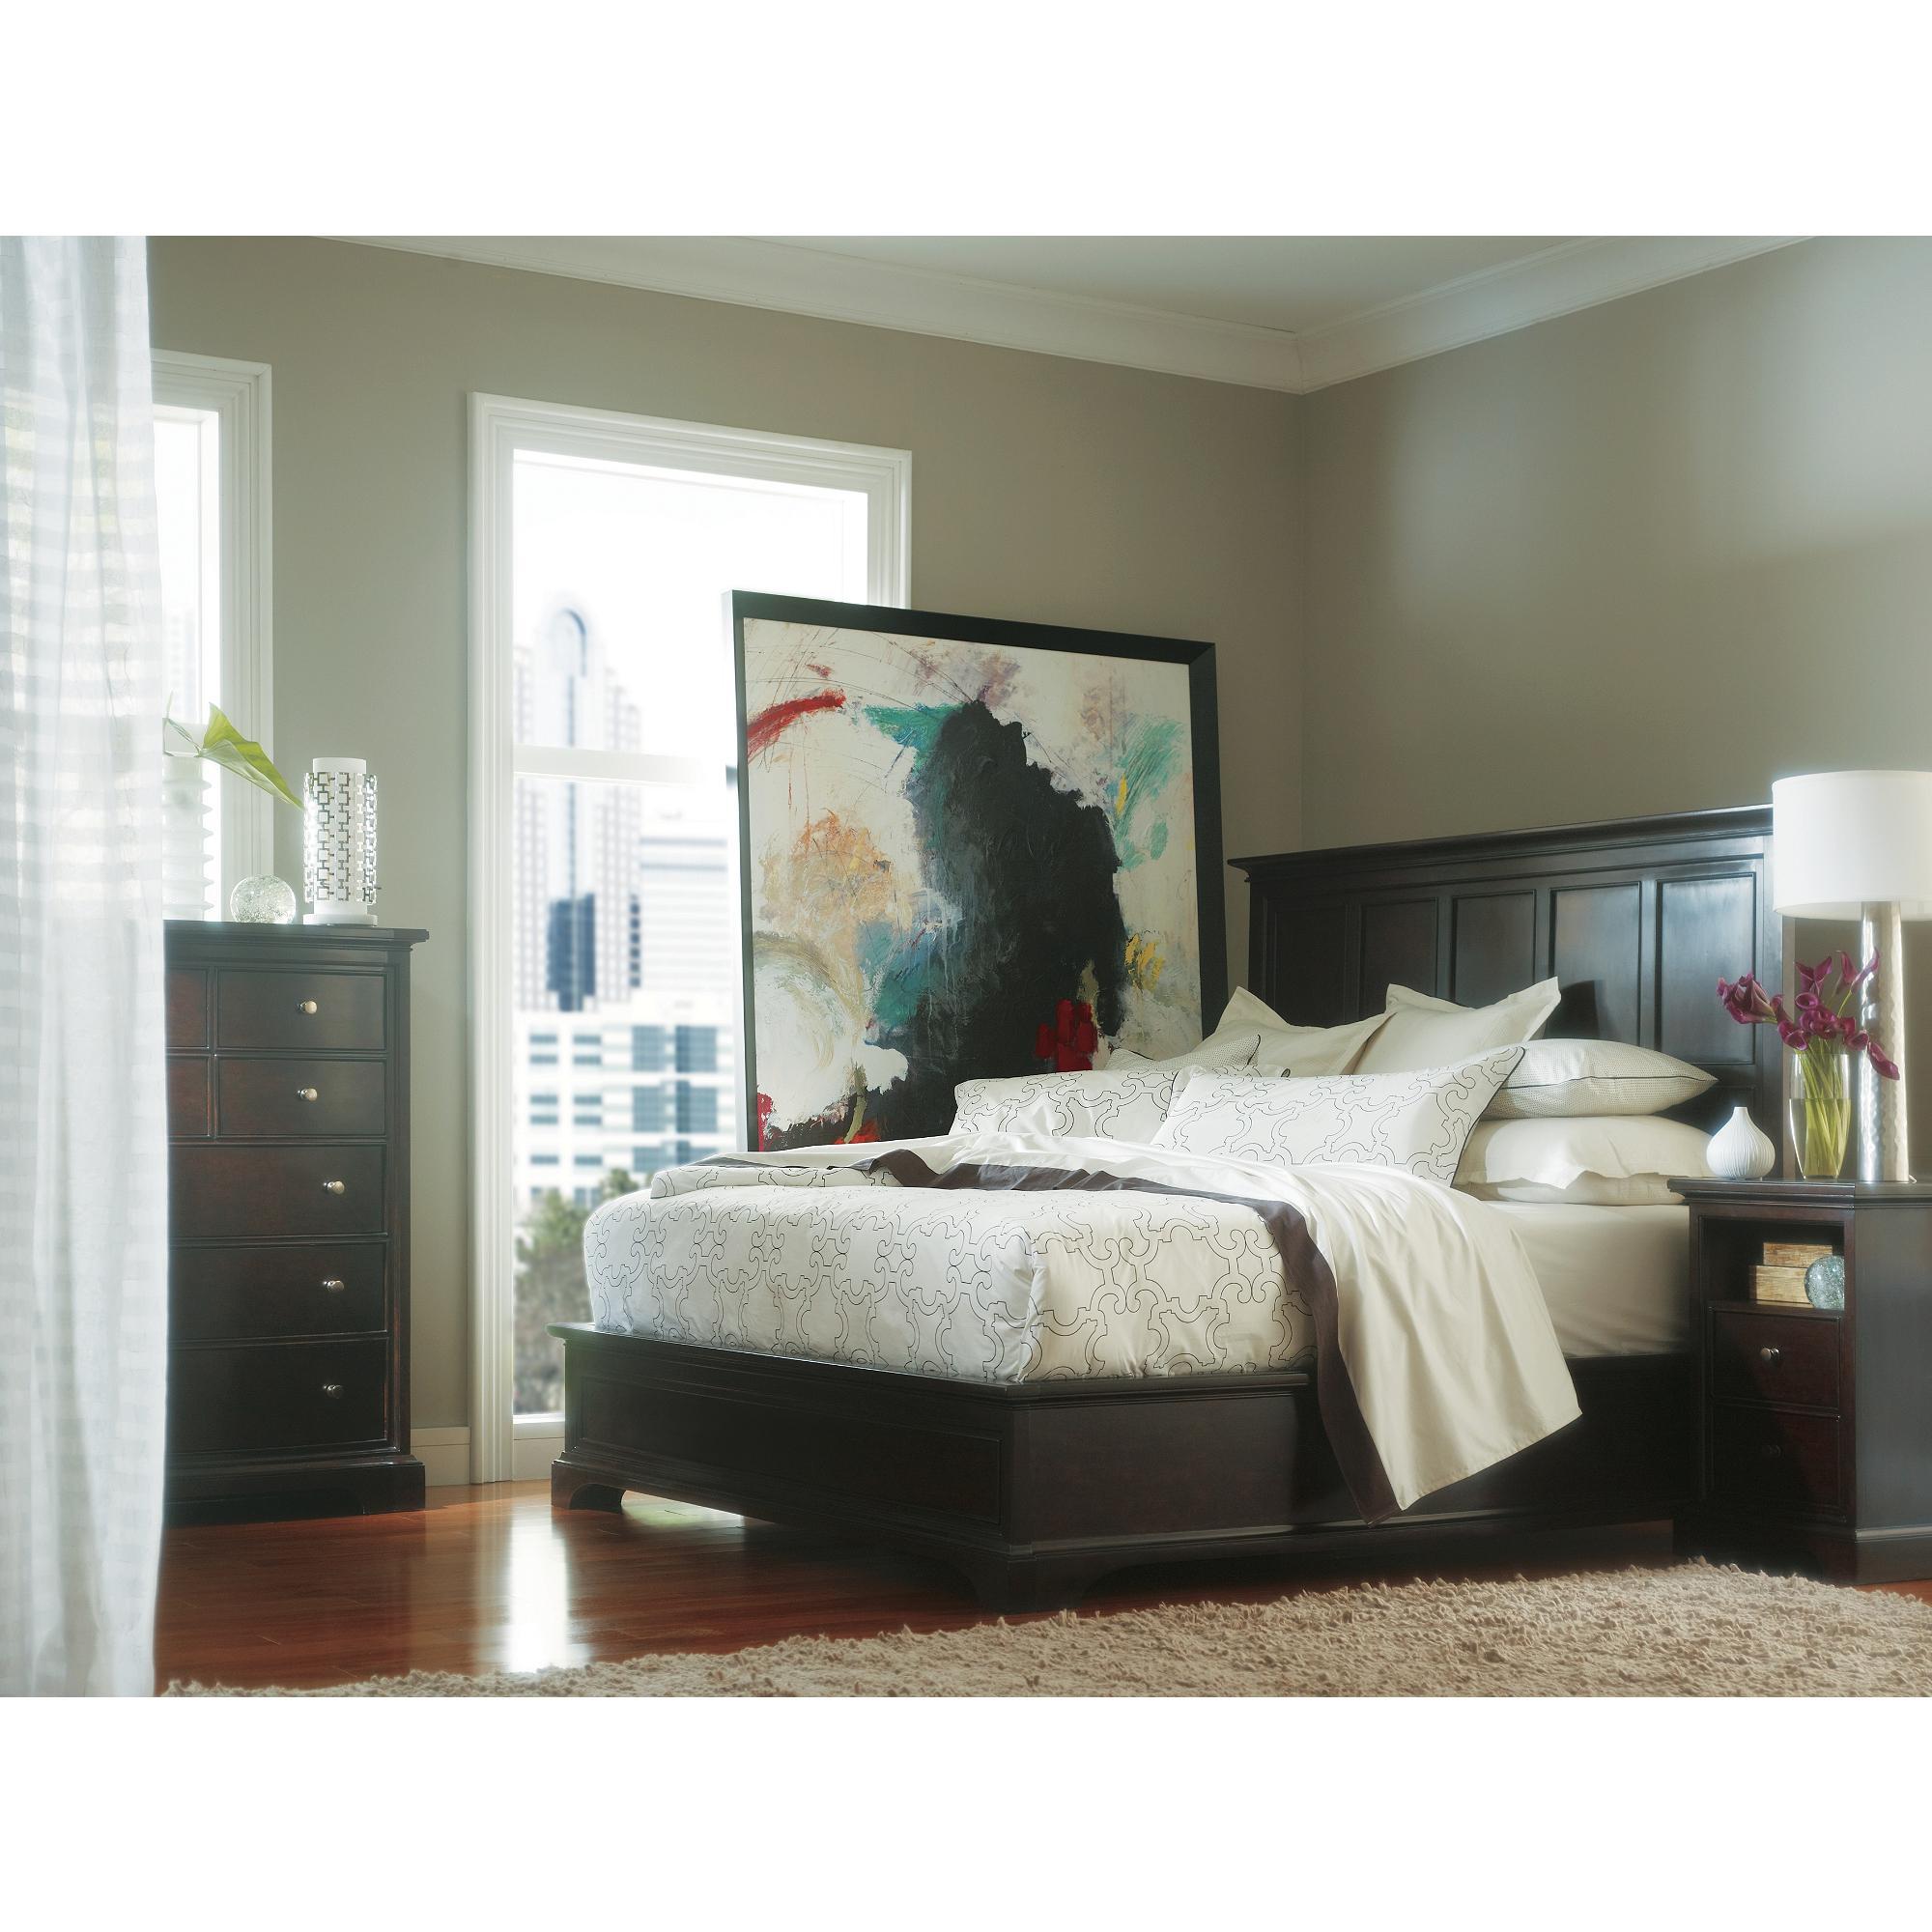 Stanley Furniture Transitional Queen Bedroom Group Dunk Bright Furniture Bedroom Groups